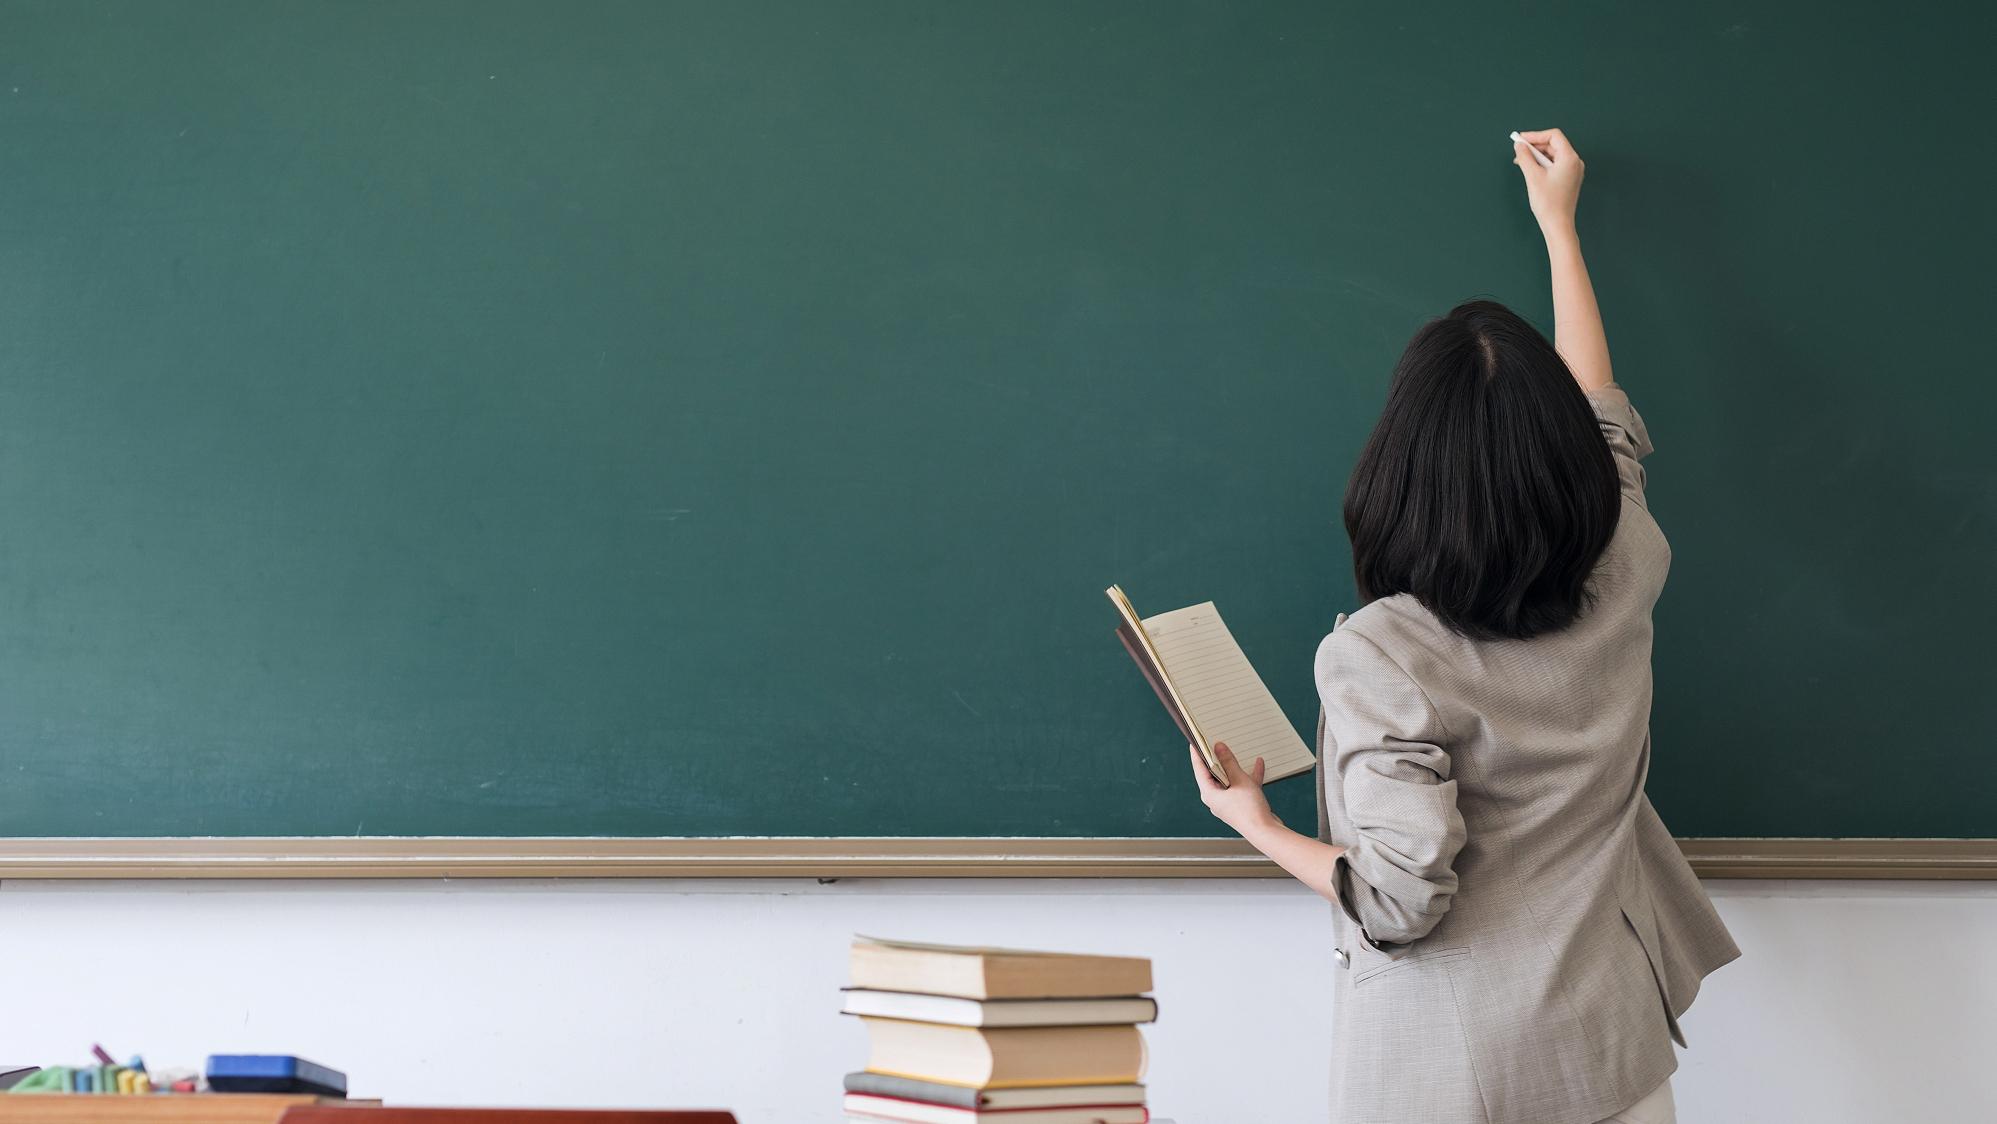 教育部公开曝光8起违反教师职业行为十项准则典型案例